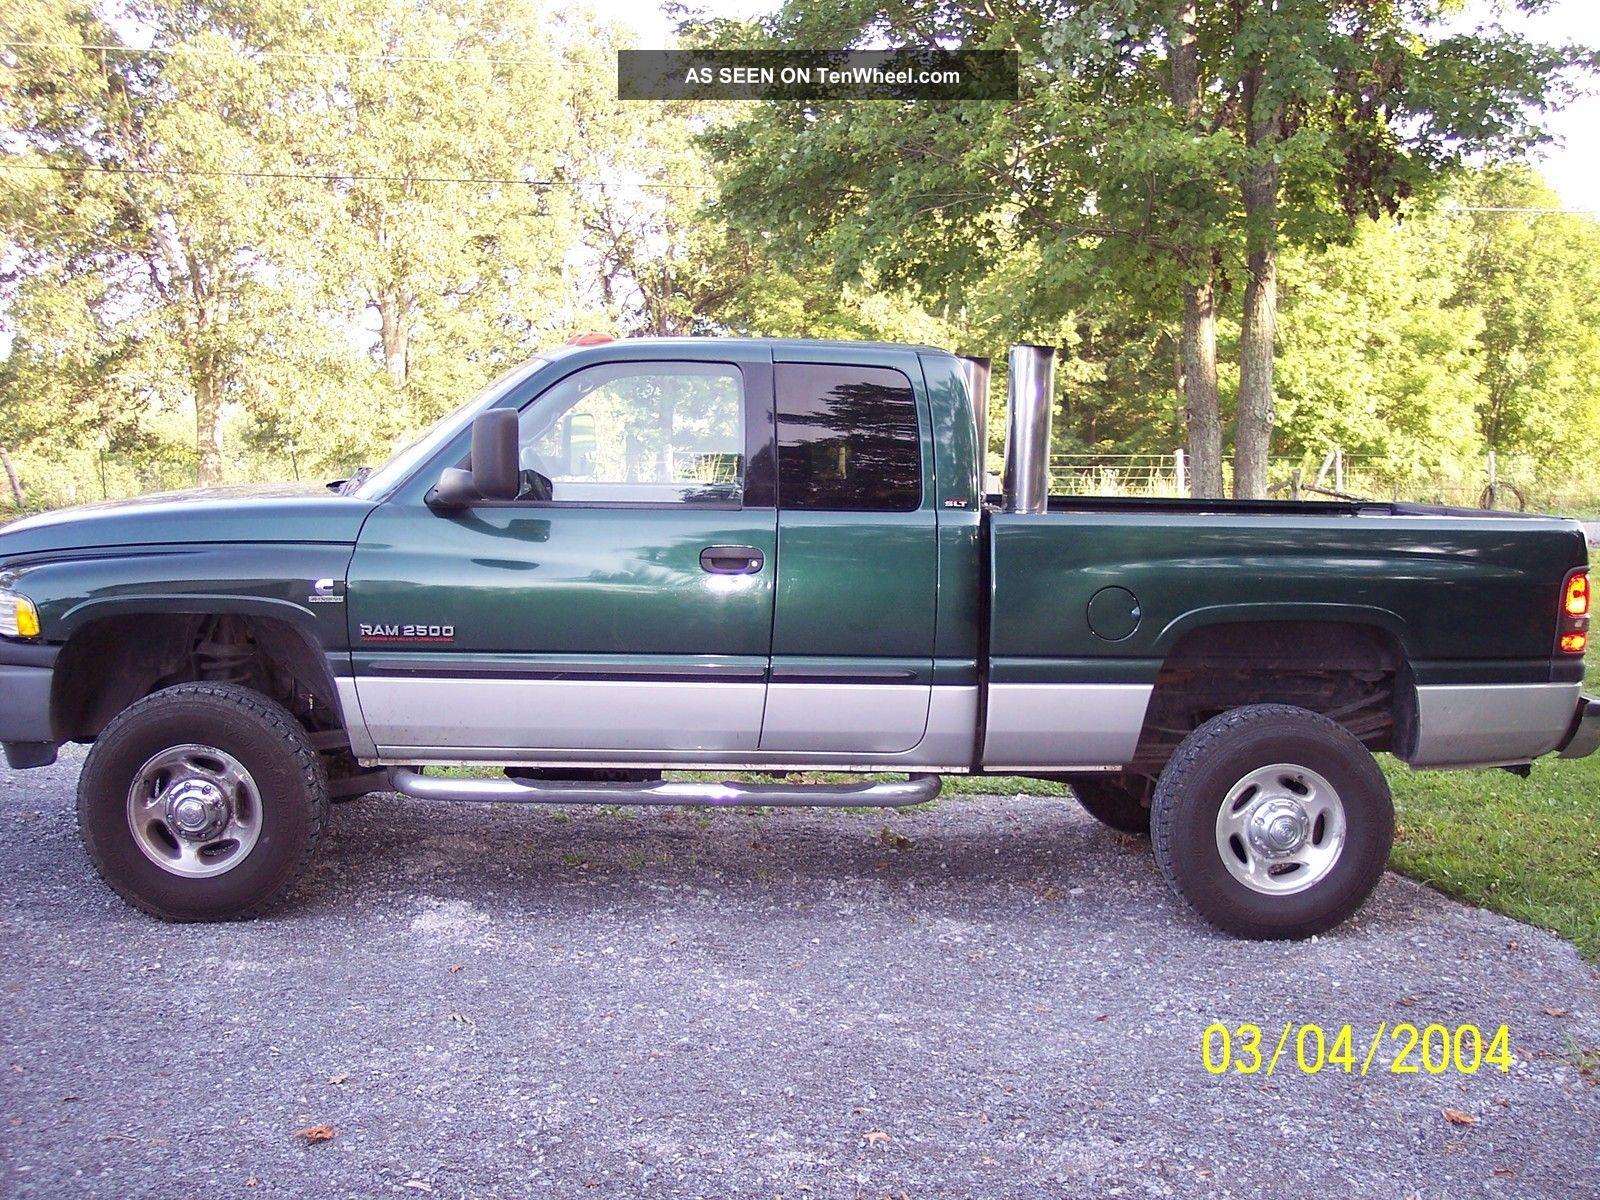 2002 Dodge Ram 2500 Diesel 4x4